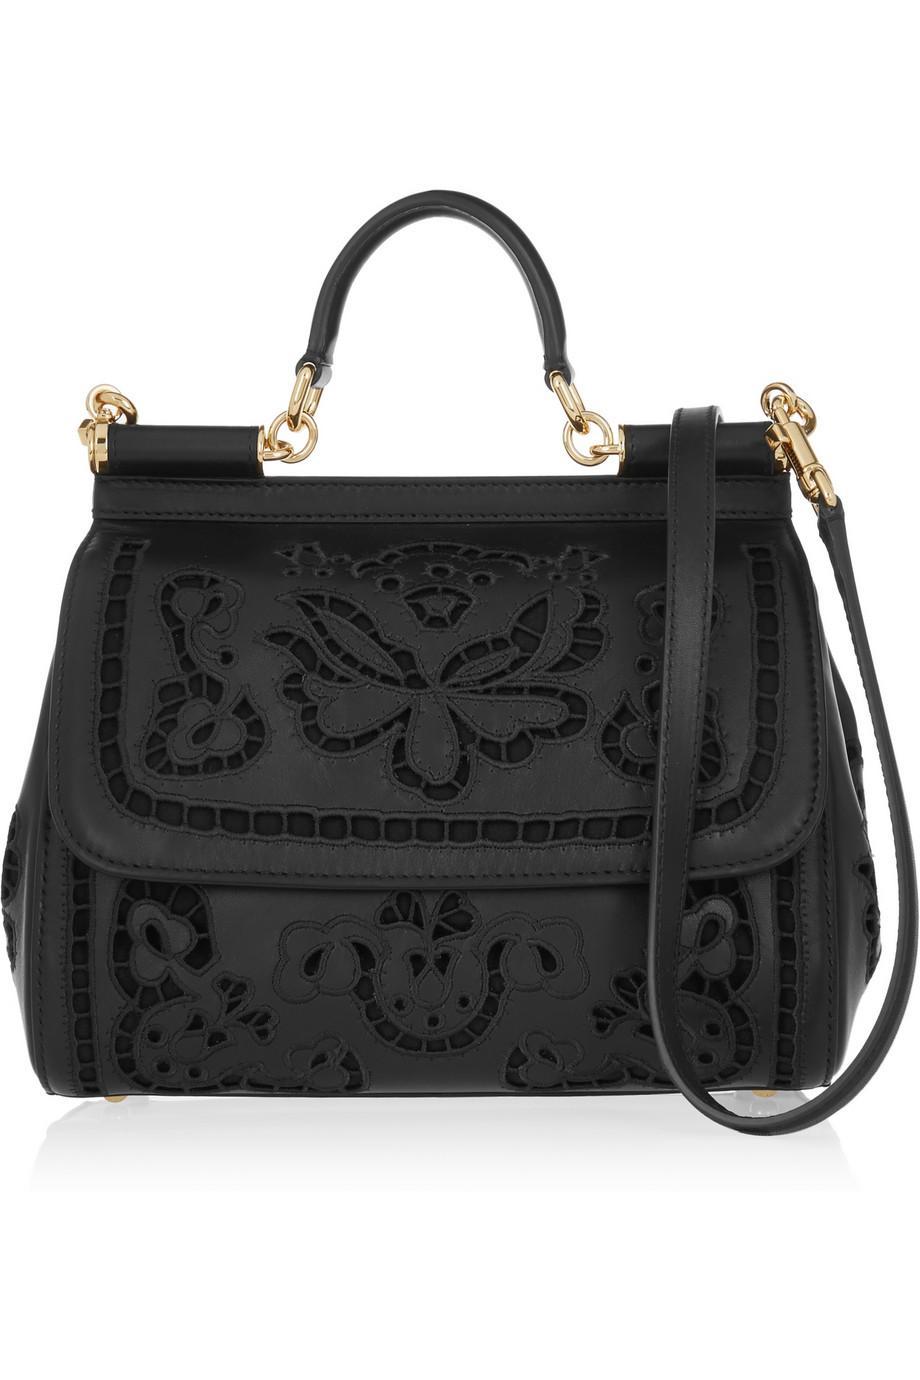 Dolce & Gabbana - Sac(2290 €)